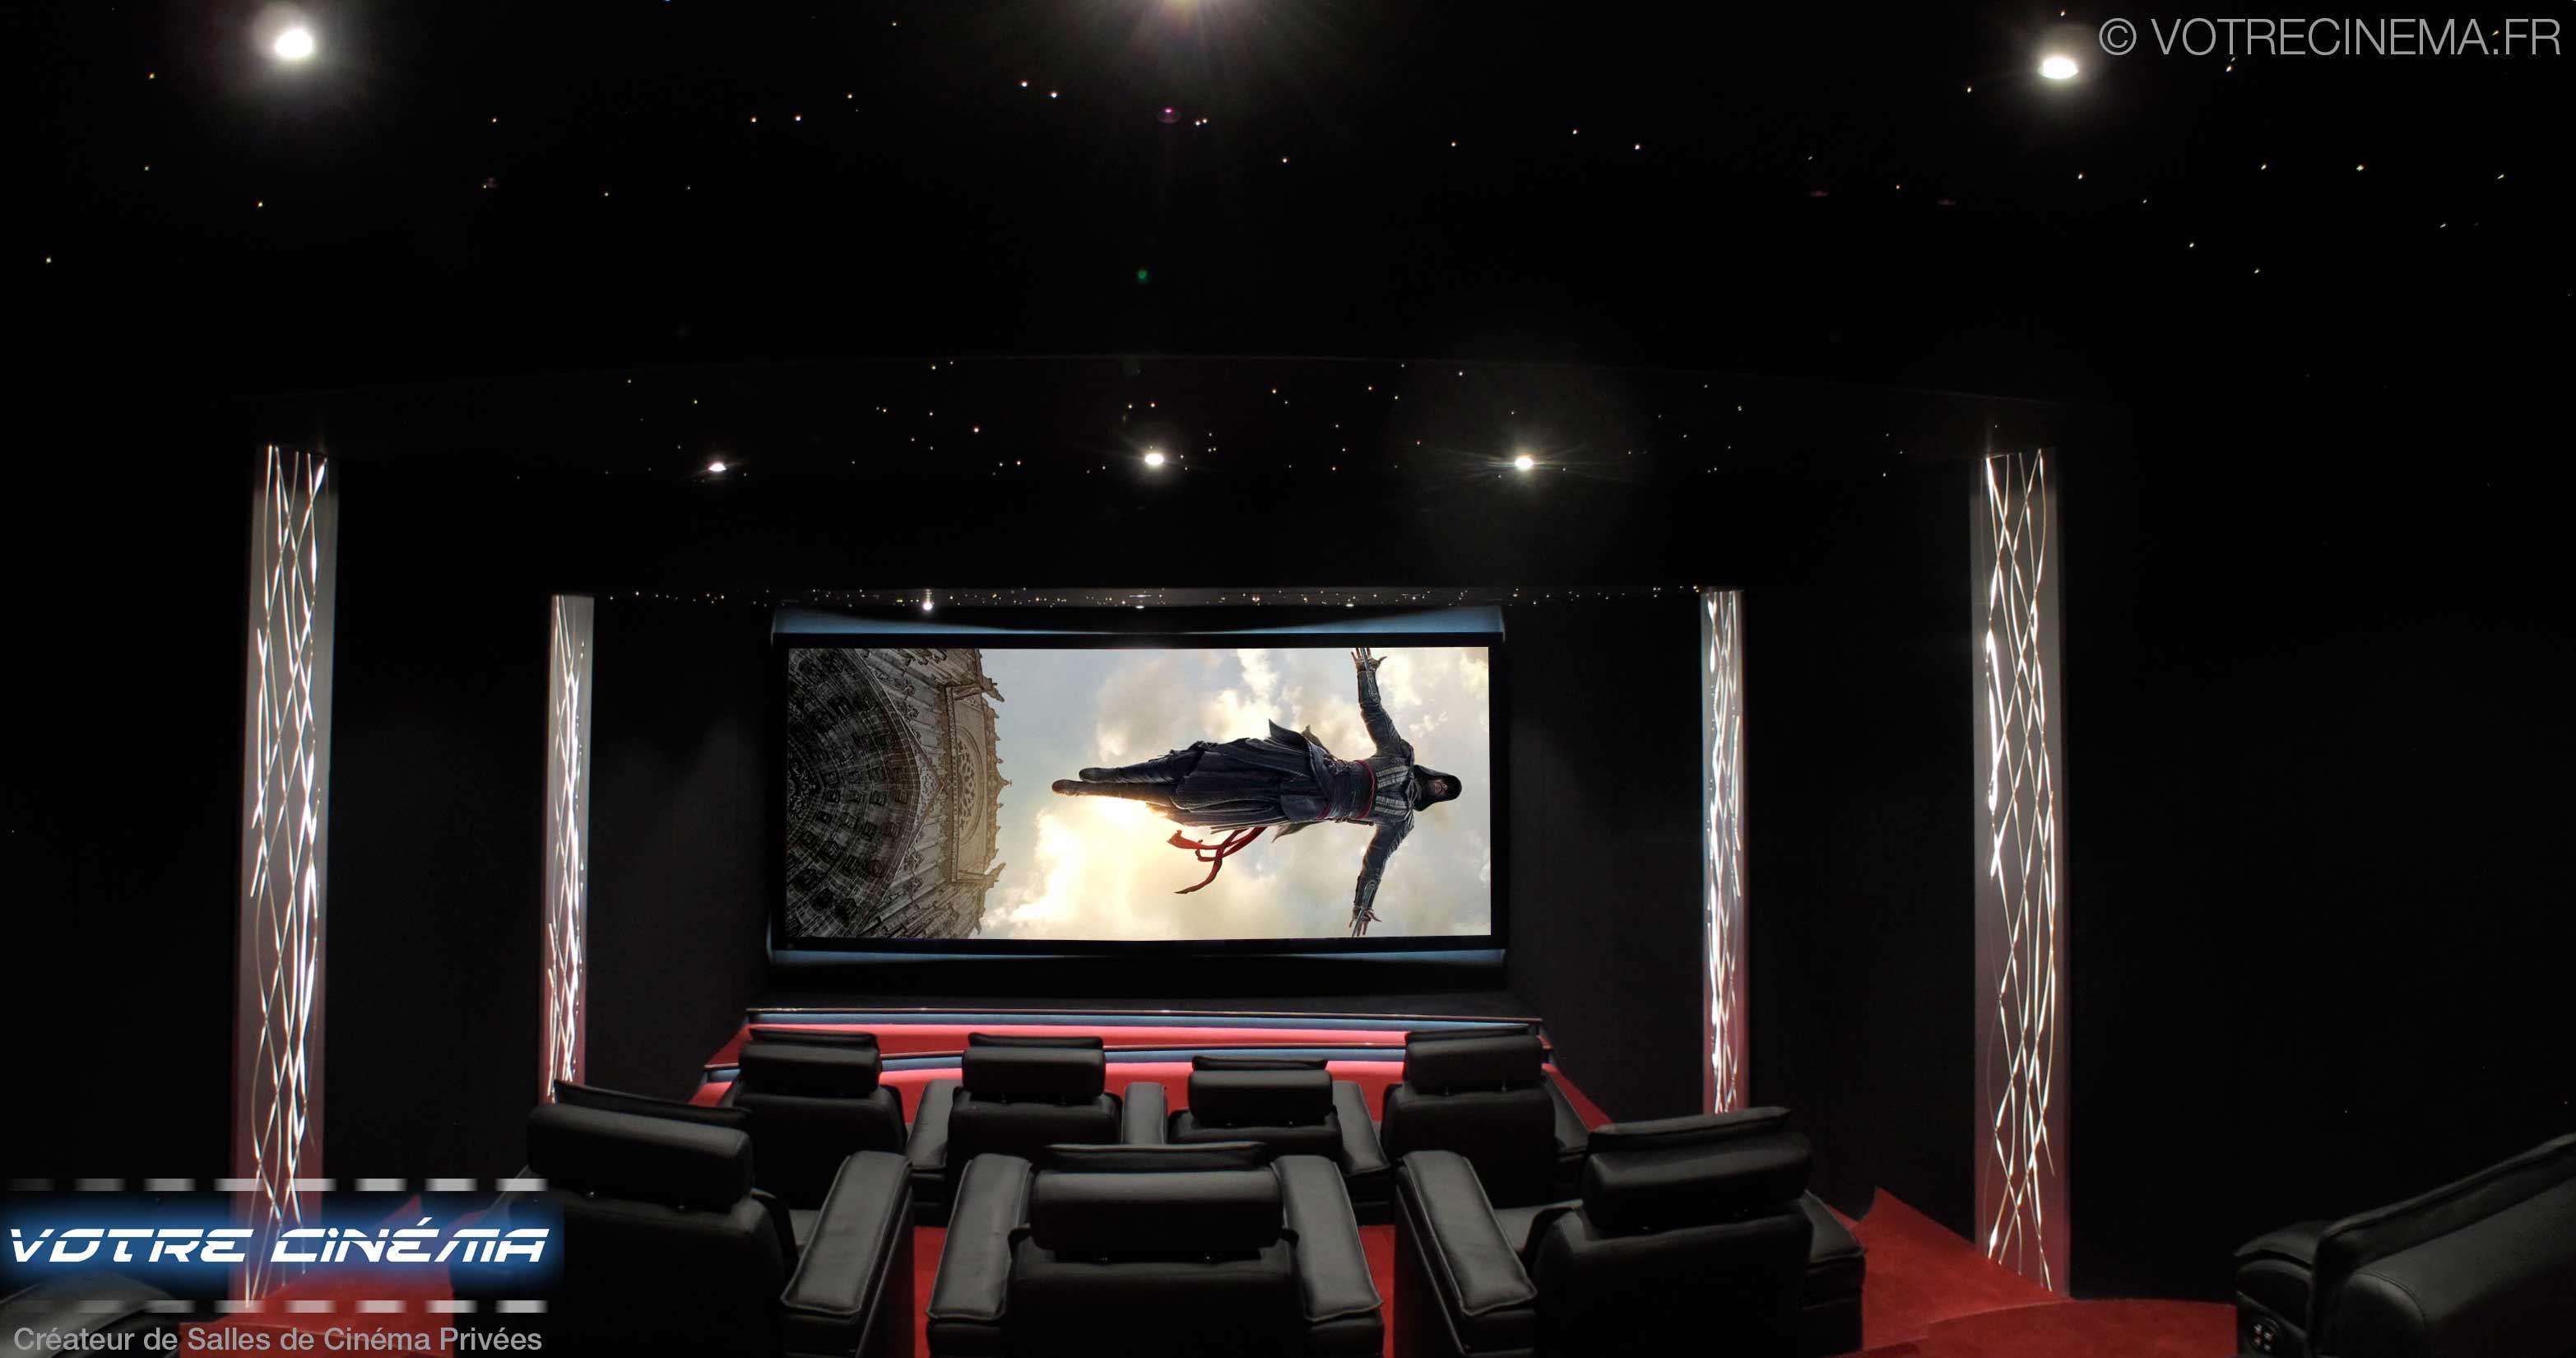 Salle de cinéma privée Abidjan Côte d'Ivoire